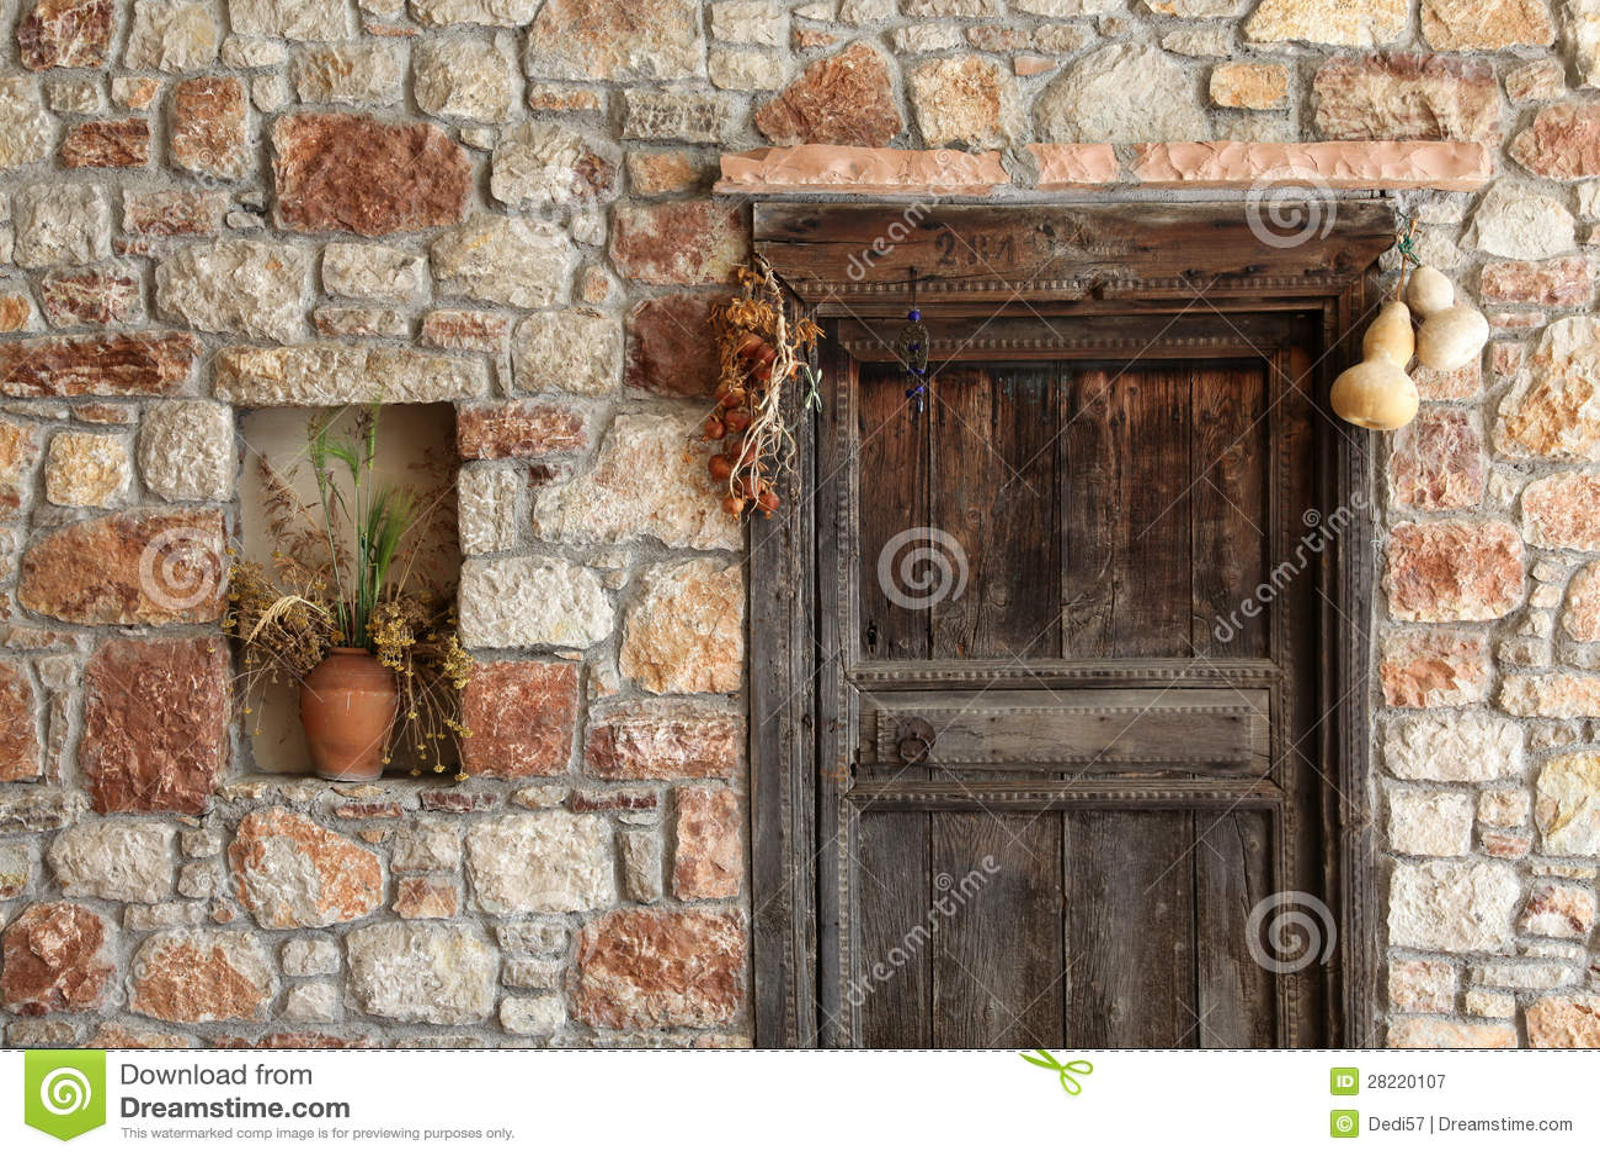 Fachada de piedra natural y puerta de madera vieja imagen - Fachada de piedra natural ...